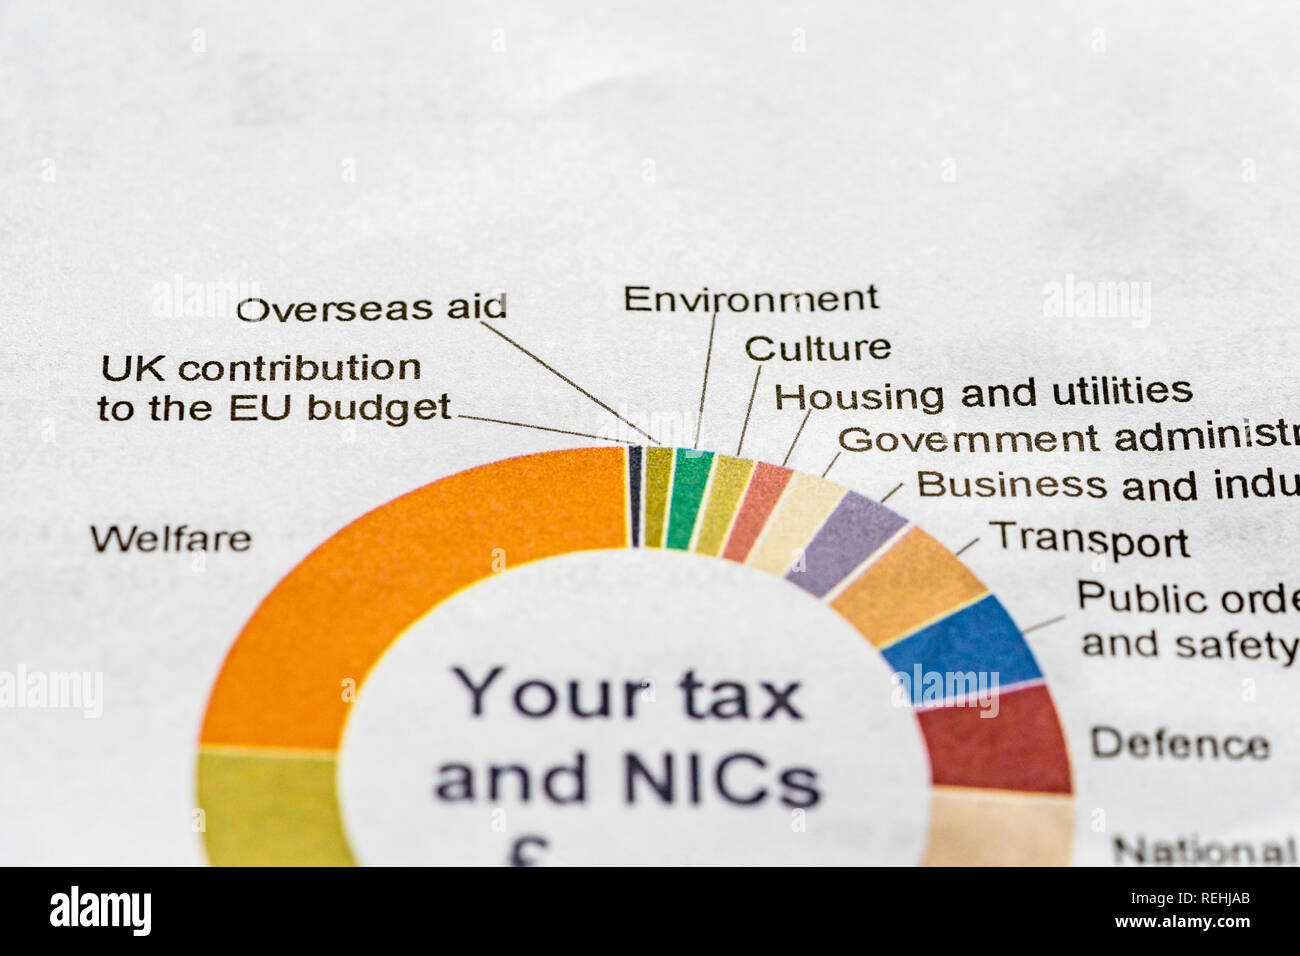 El HMRC impuesto anual Resumen 2017-18 Carta con los detalles de cómo el impuesto sobre la renta contribuye al gasto público Imagen De Stock